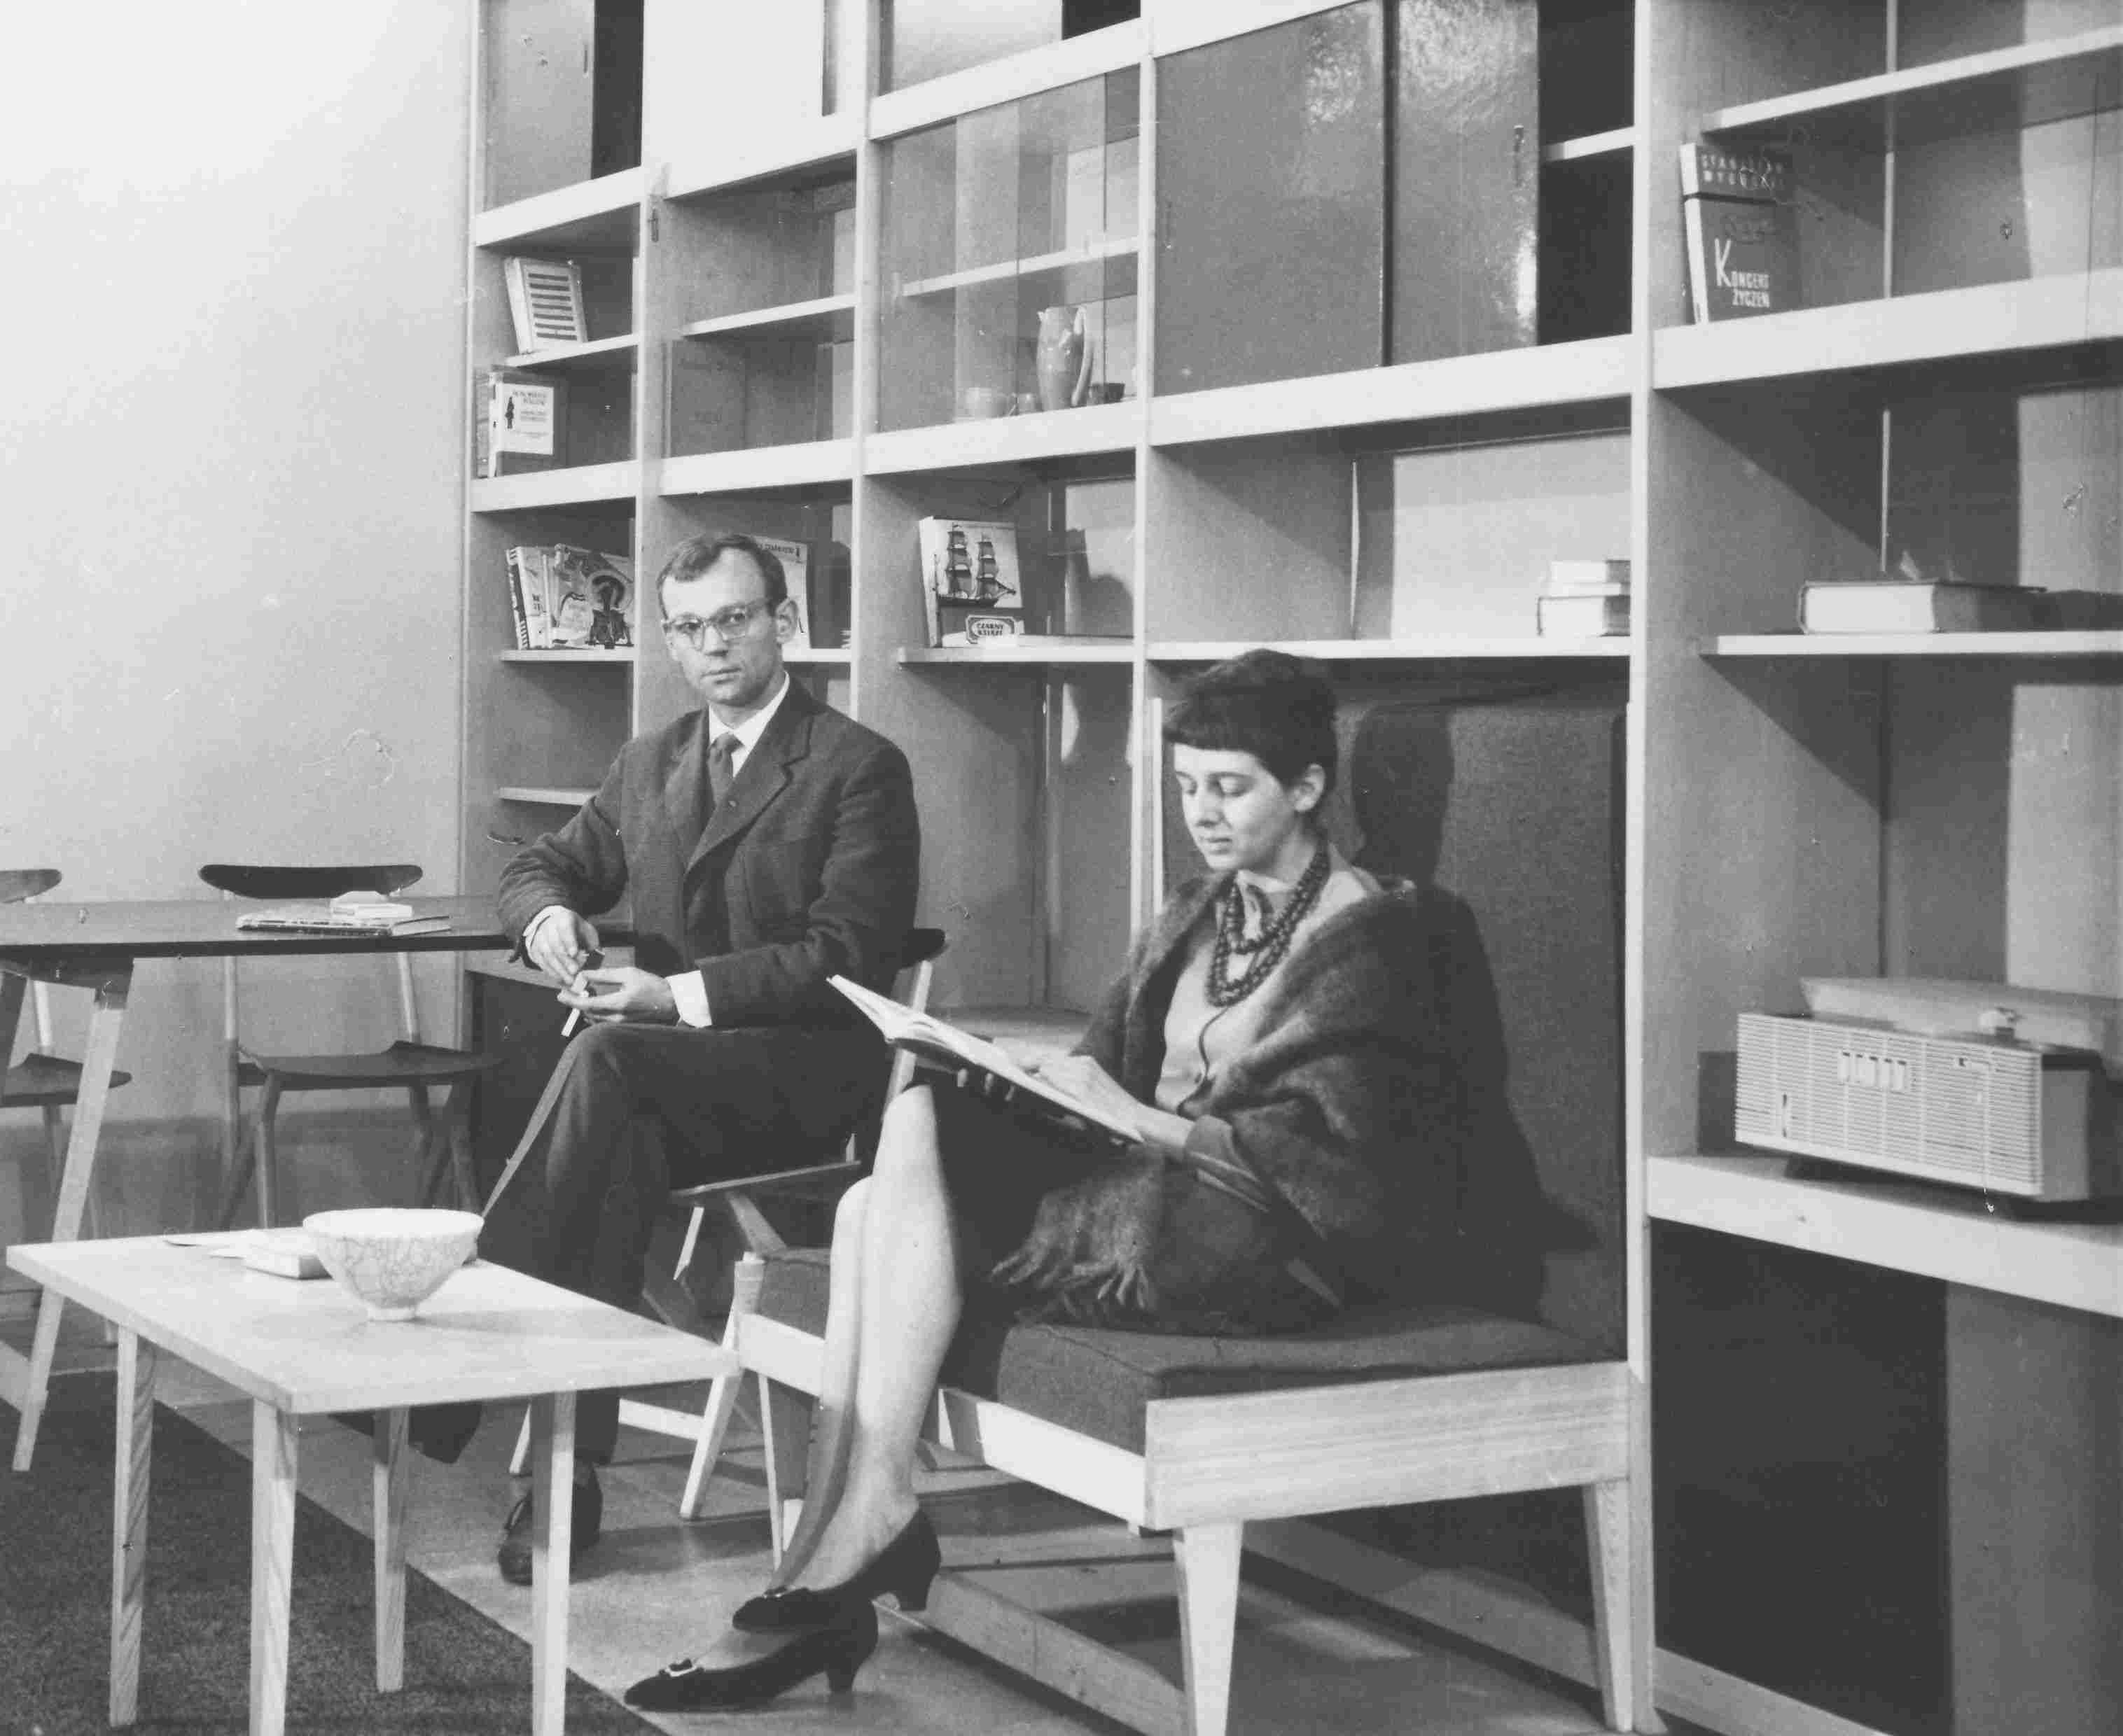 boguslawa i czeslaw kowalscy i ich mebloscianka 1961